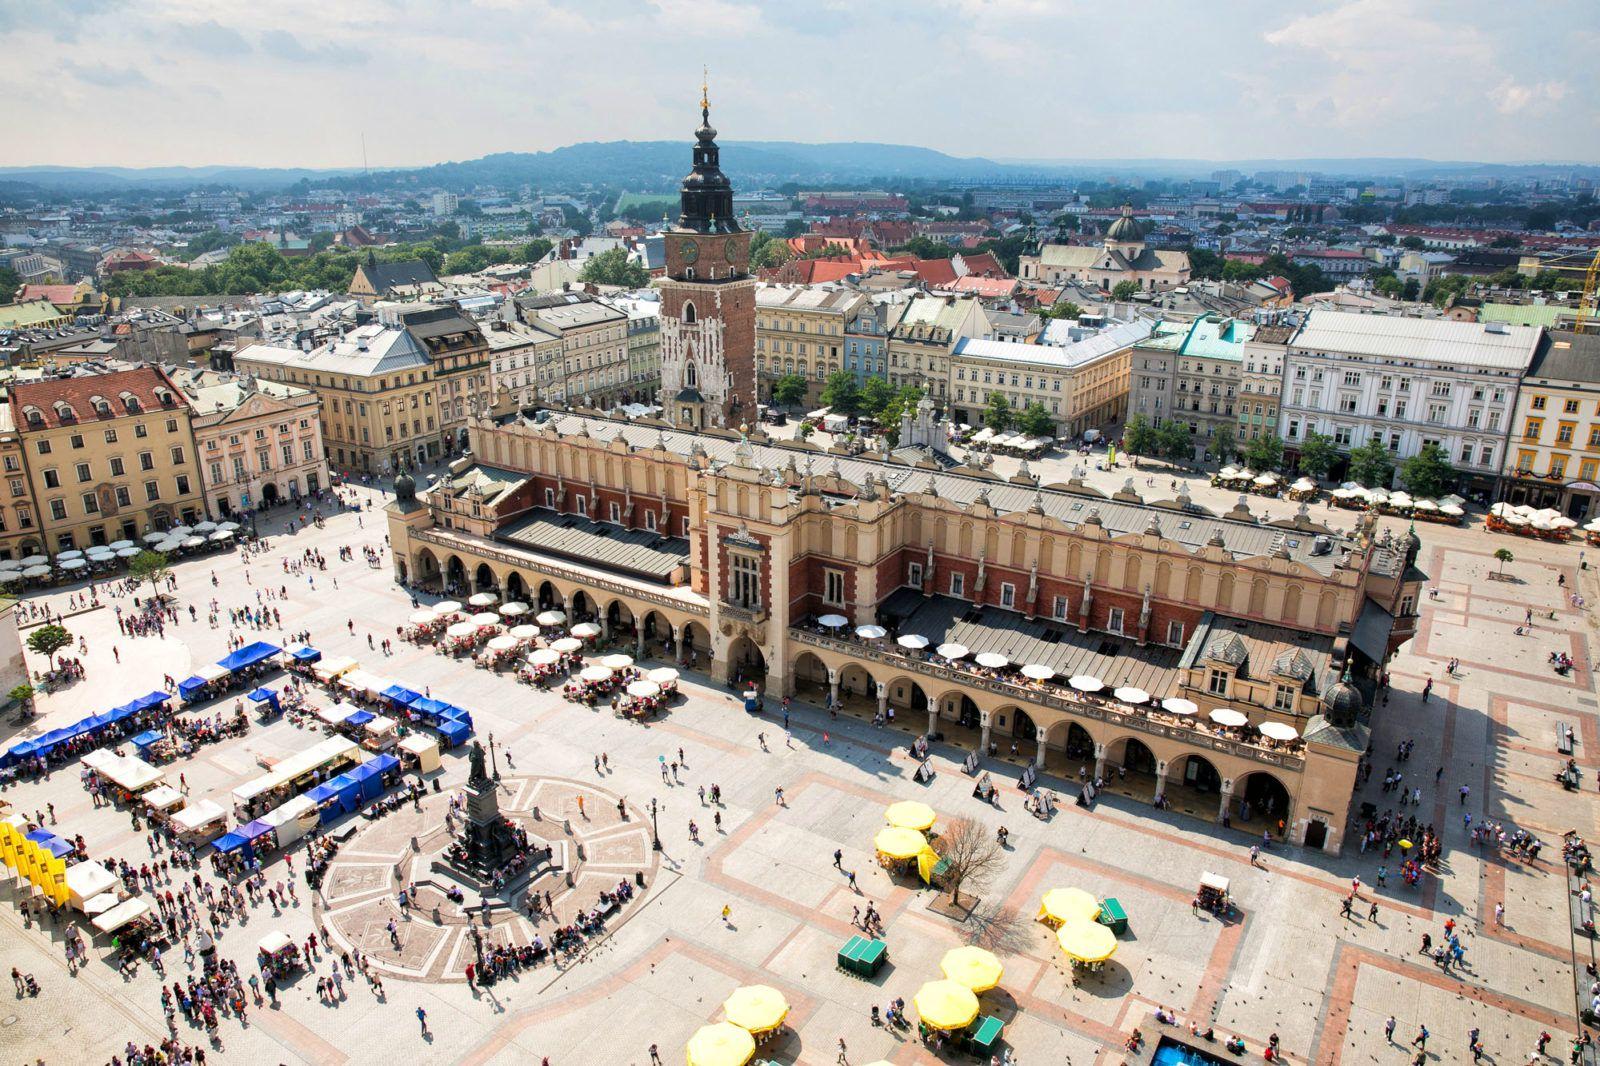 Best View of Krakow